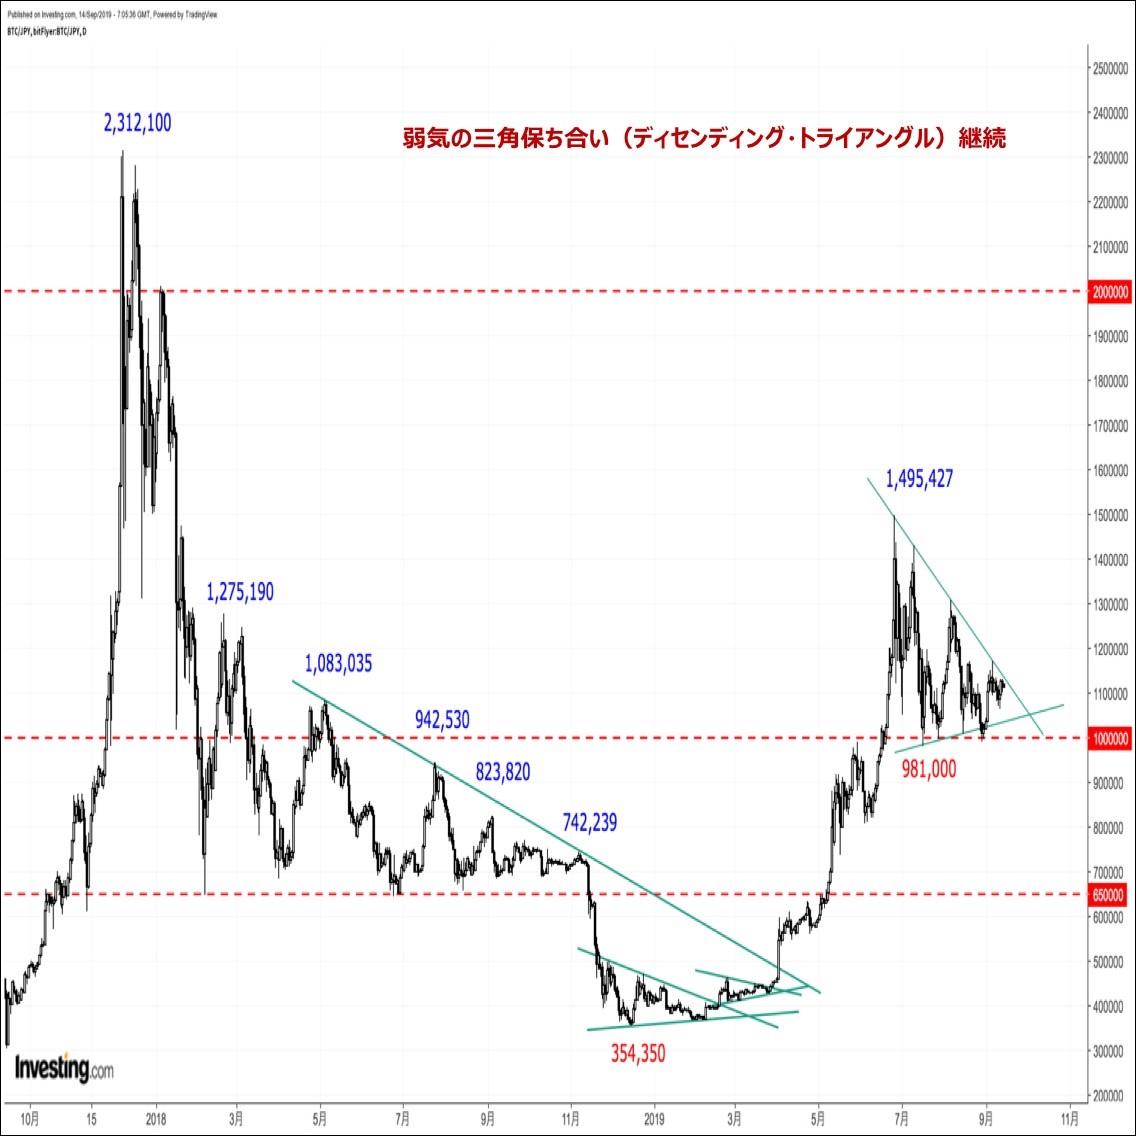 ビットコインの価格分析『上放れか下放れか?三角保ち合いの賞味期限は残り20日』